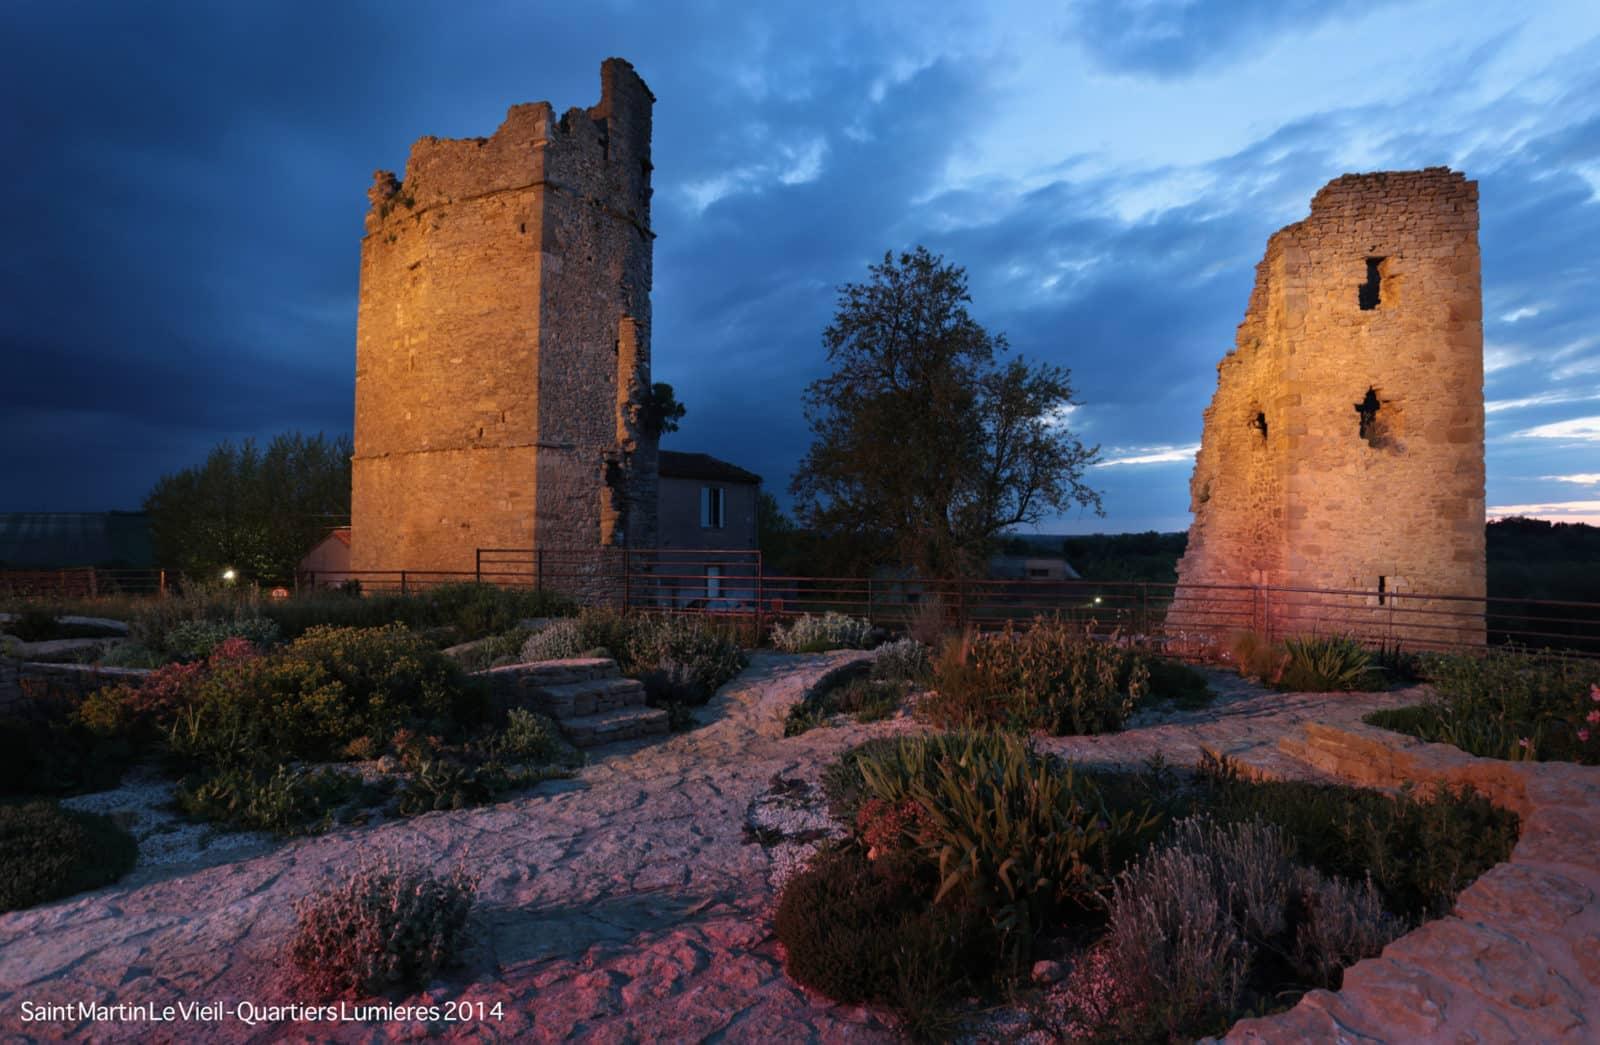 Ambiance de nuit : vue sur les tours